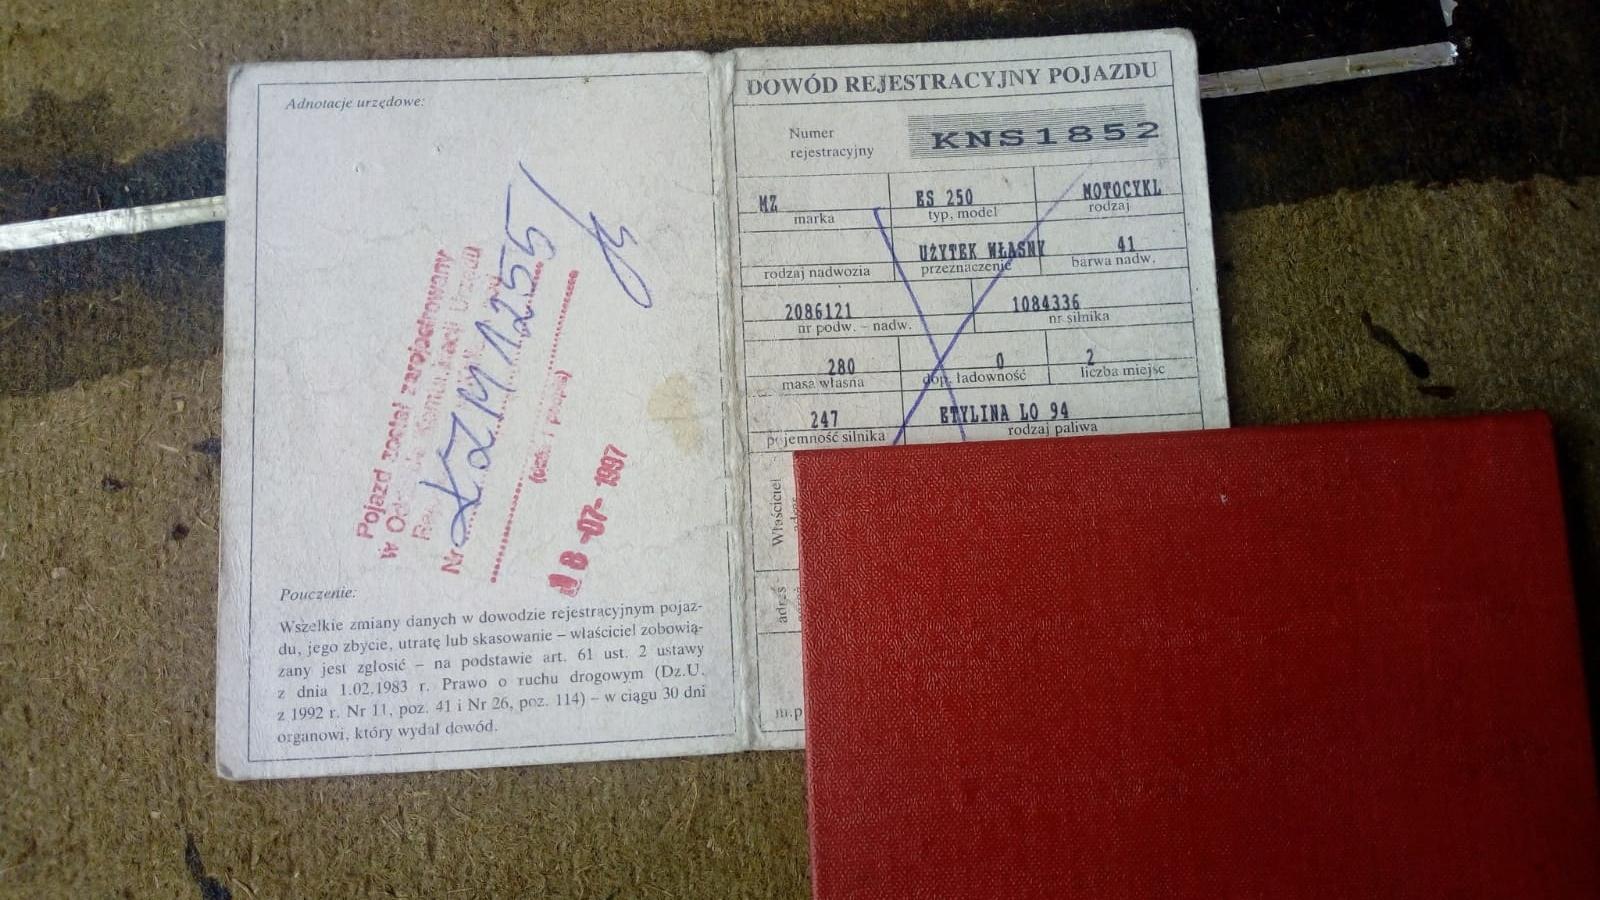 Коллекторское свидетельство о регистрации МЗ ЭС 250/1984.